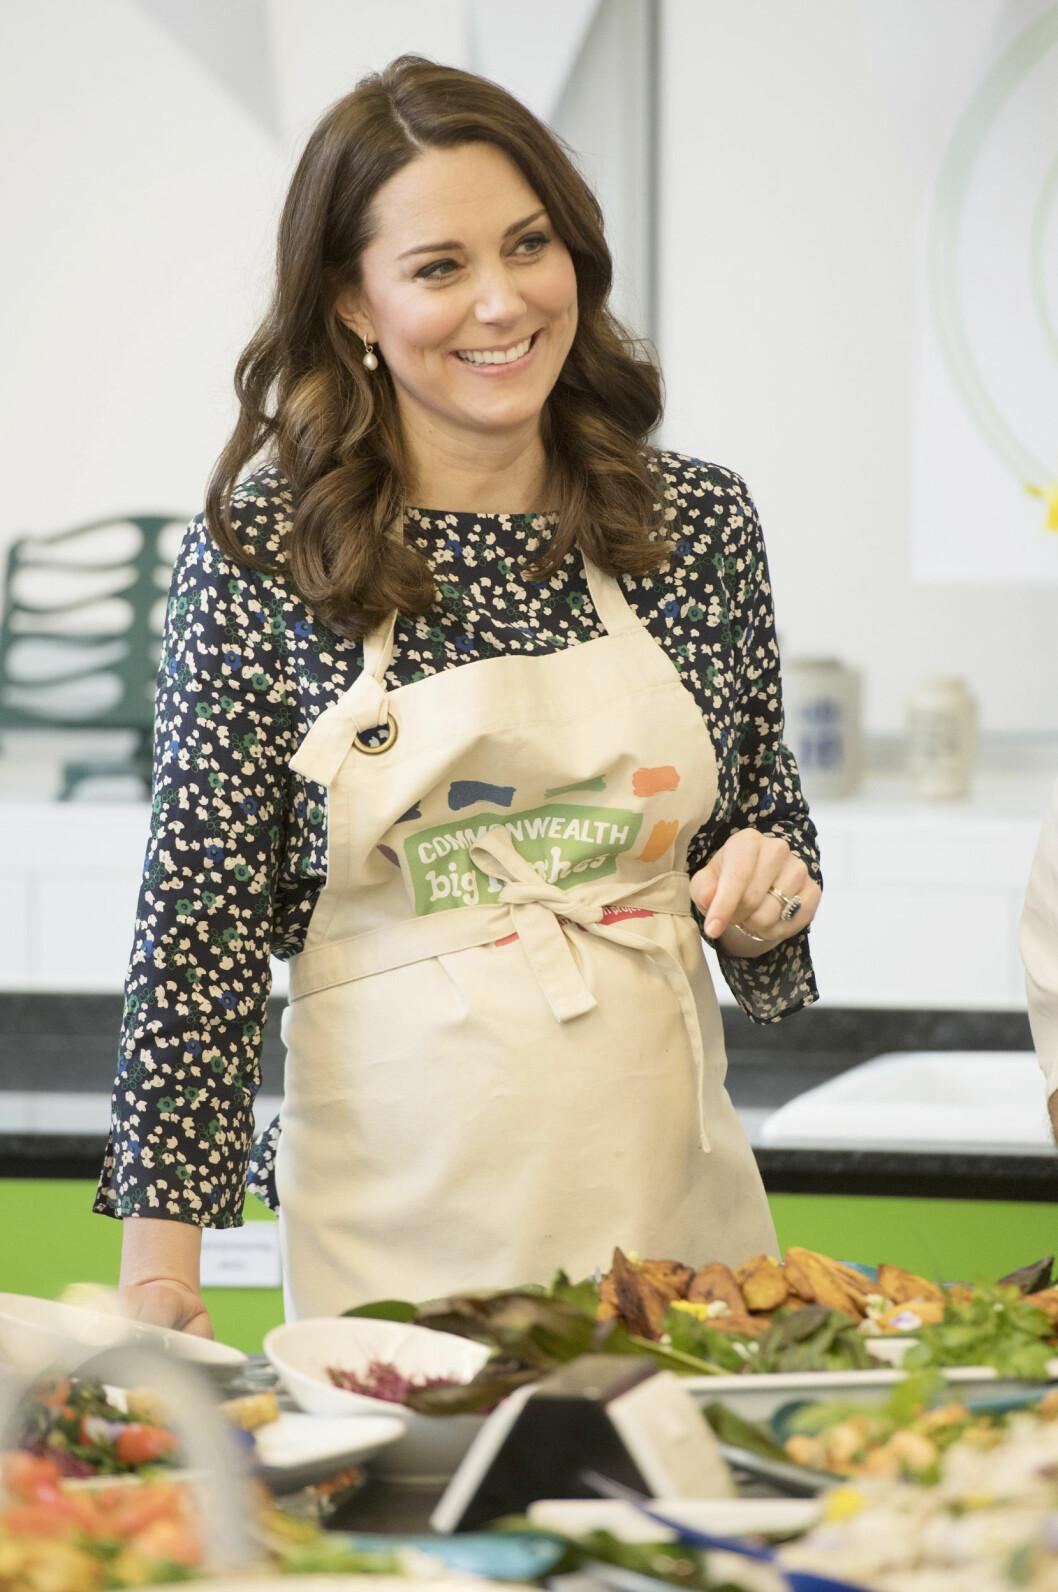 LAGDE MAT: Hertuginne Kate var ikledd et forkle da hun lagde mat til Commonwealth Big Lunch ved St. Luke's Community Centre i London 22. mars. Foto: NTB Scanpix